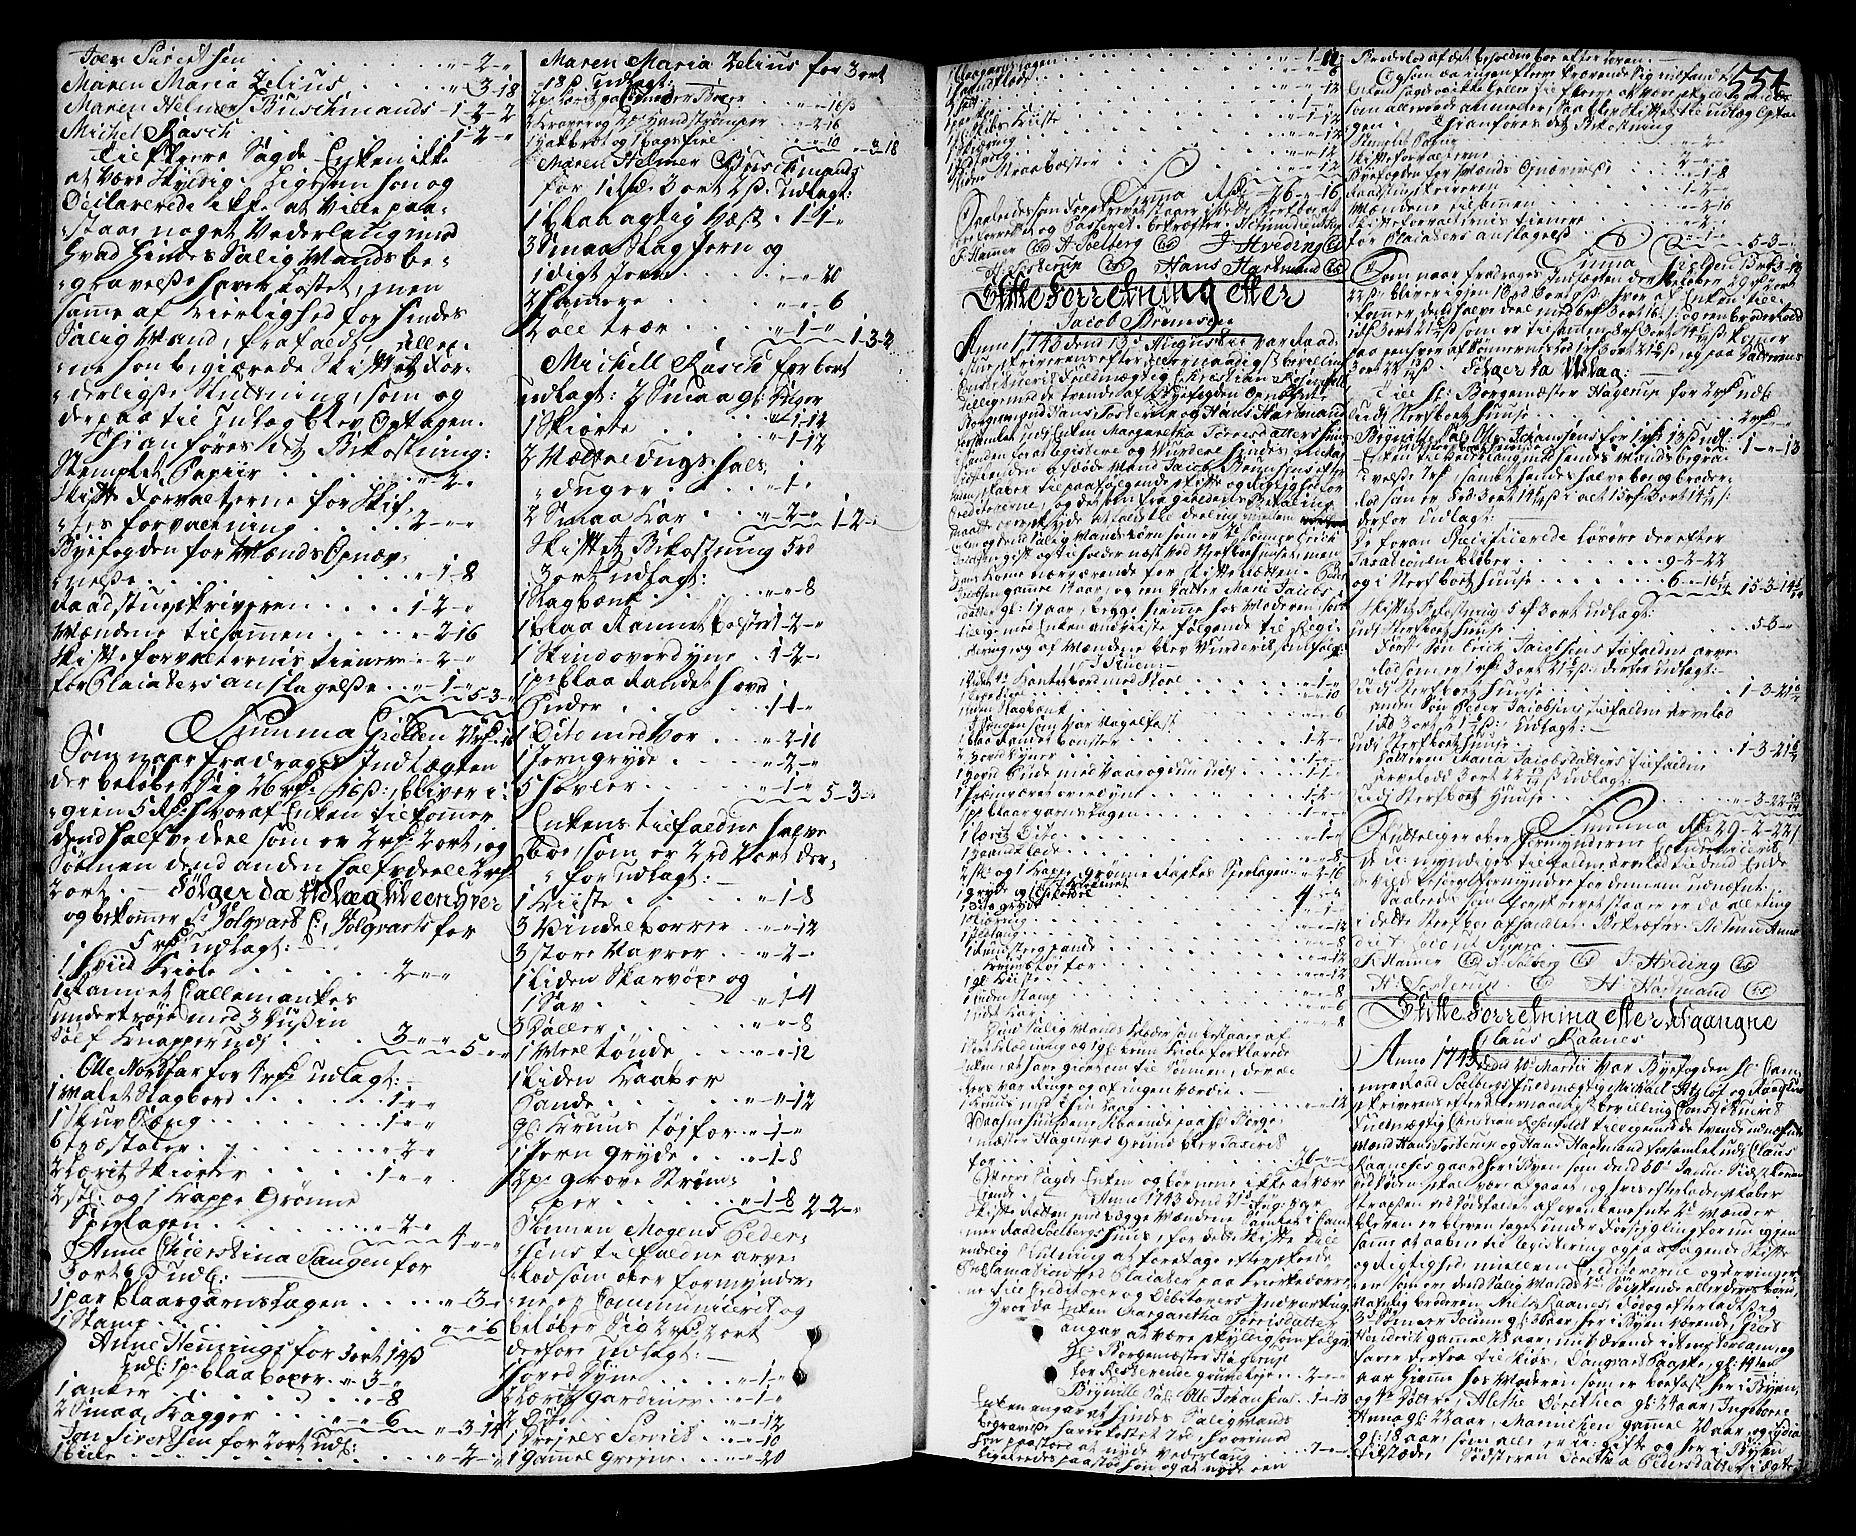 SAT, Trondheim byfogd, 3/3A/L0015: Skifteprotokoll - gml.nr.13b. (m/ register), 1739-1747, p. 553b-554a